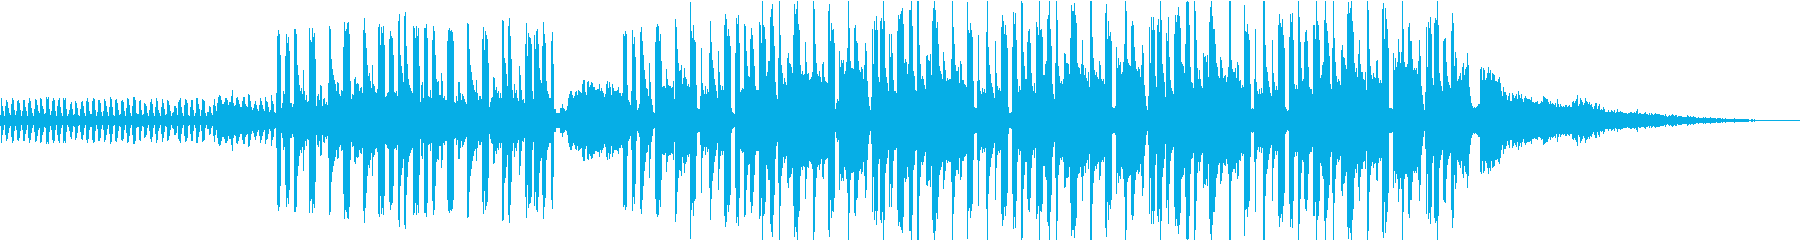 SNSに使いやすい1分間サウンドトラックの再生済みの波形